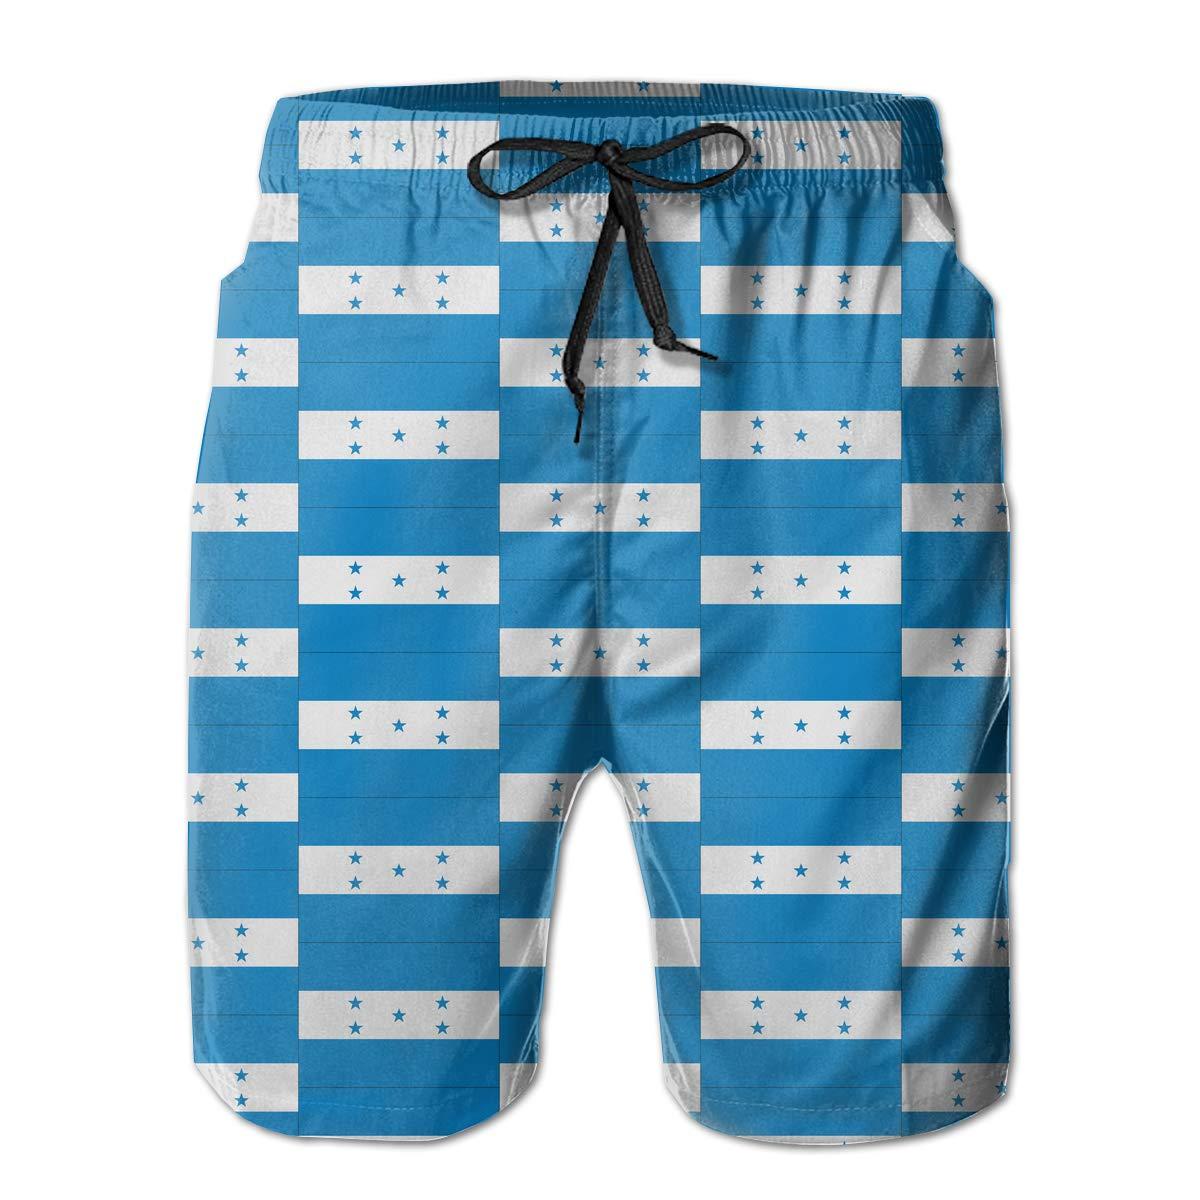 UHT28DG Flag Honduras Texture Pattern Mens Beach Shorts Fashion Beachwear